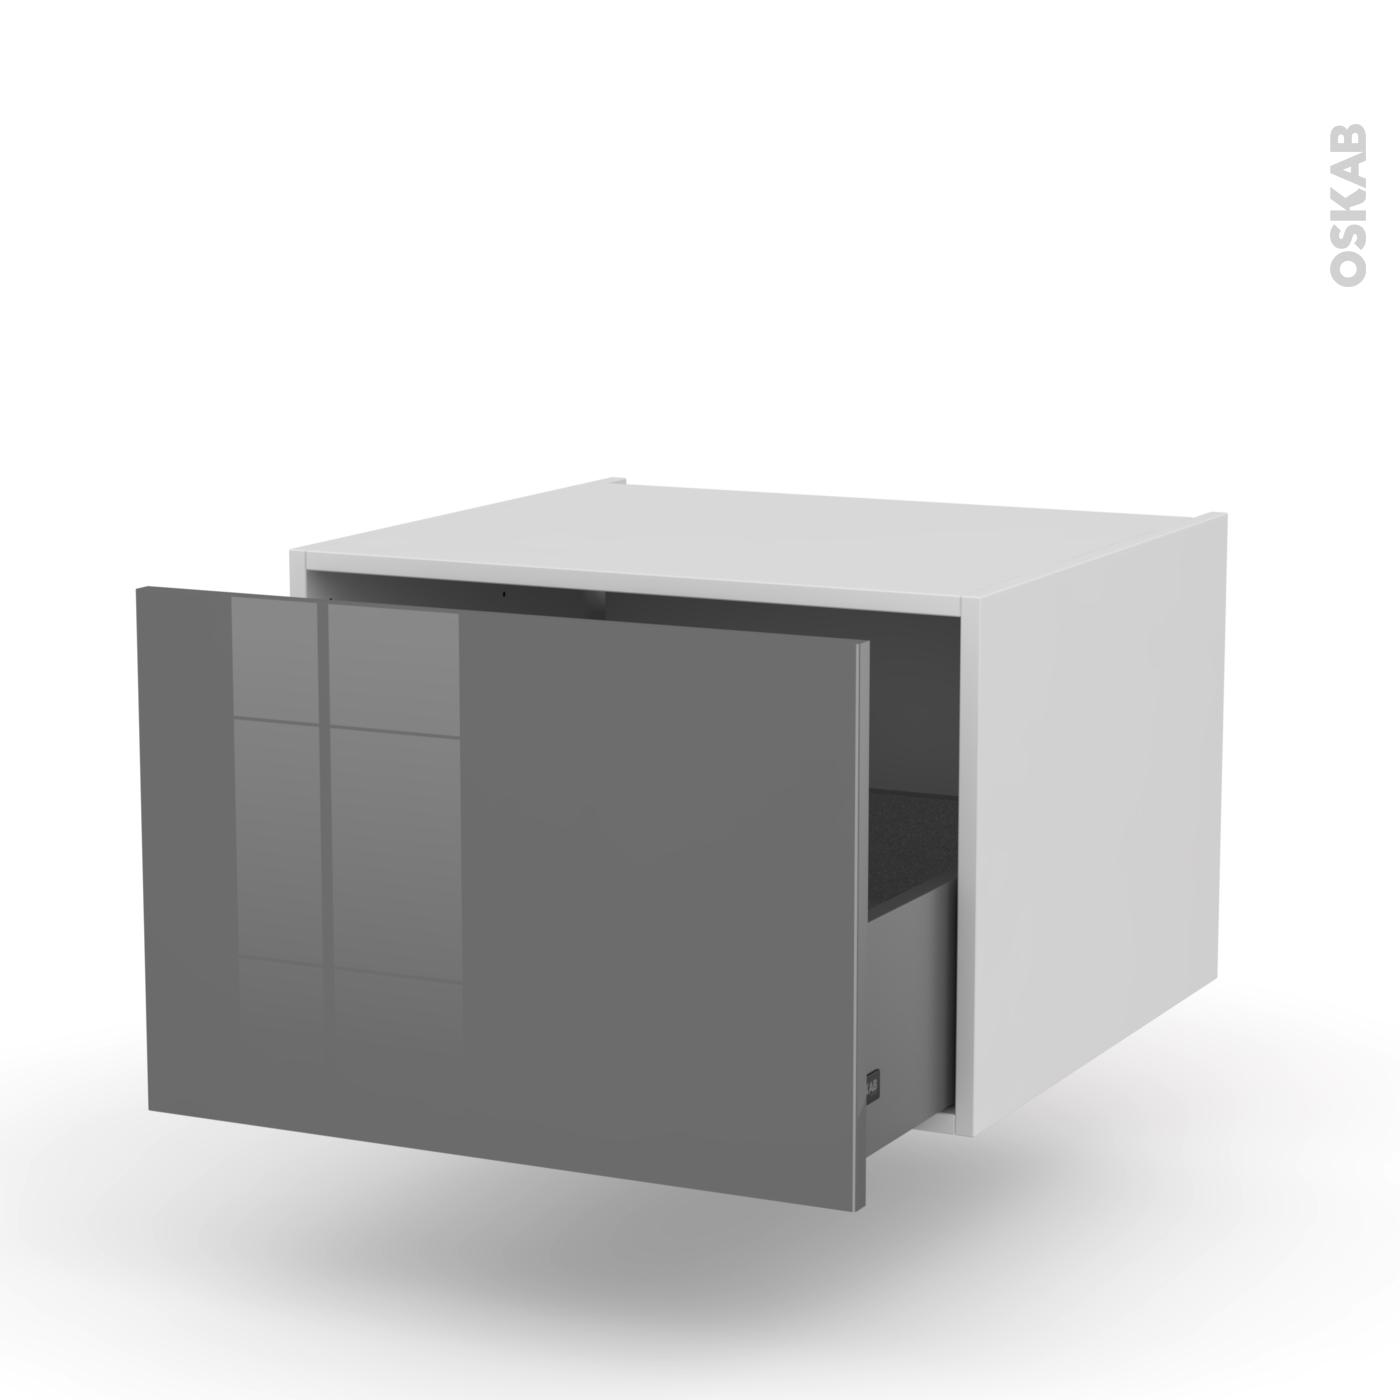 meuble de cuisine bas suspendu stecia gris 1 casserolier l60 x h41 ... - Meuble Suspendu Cuisine